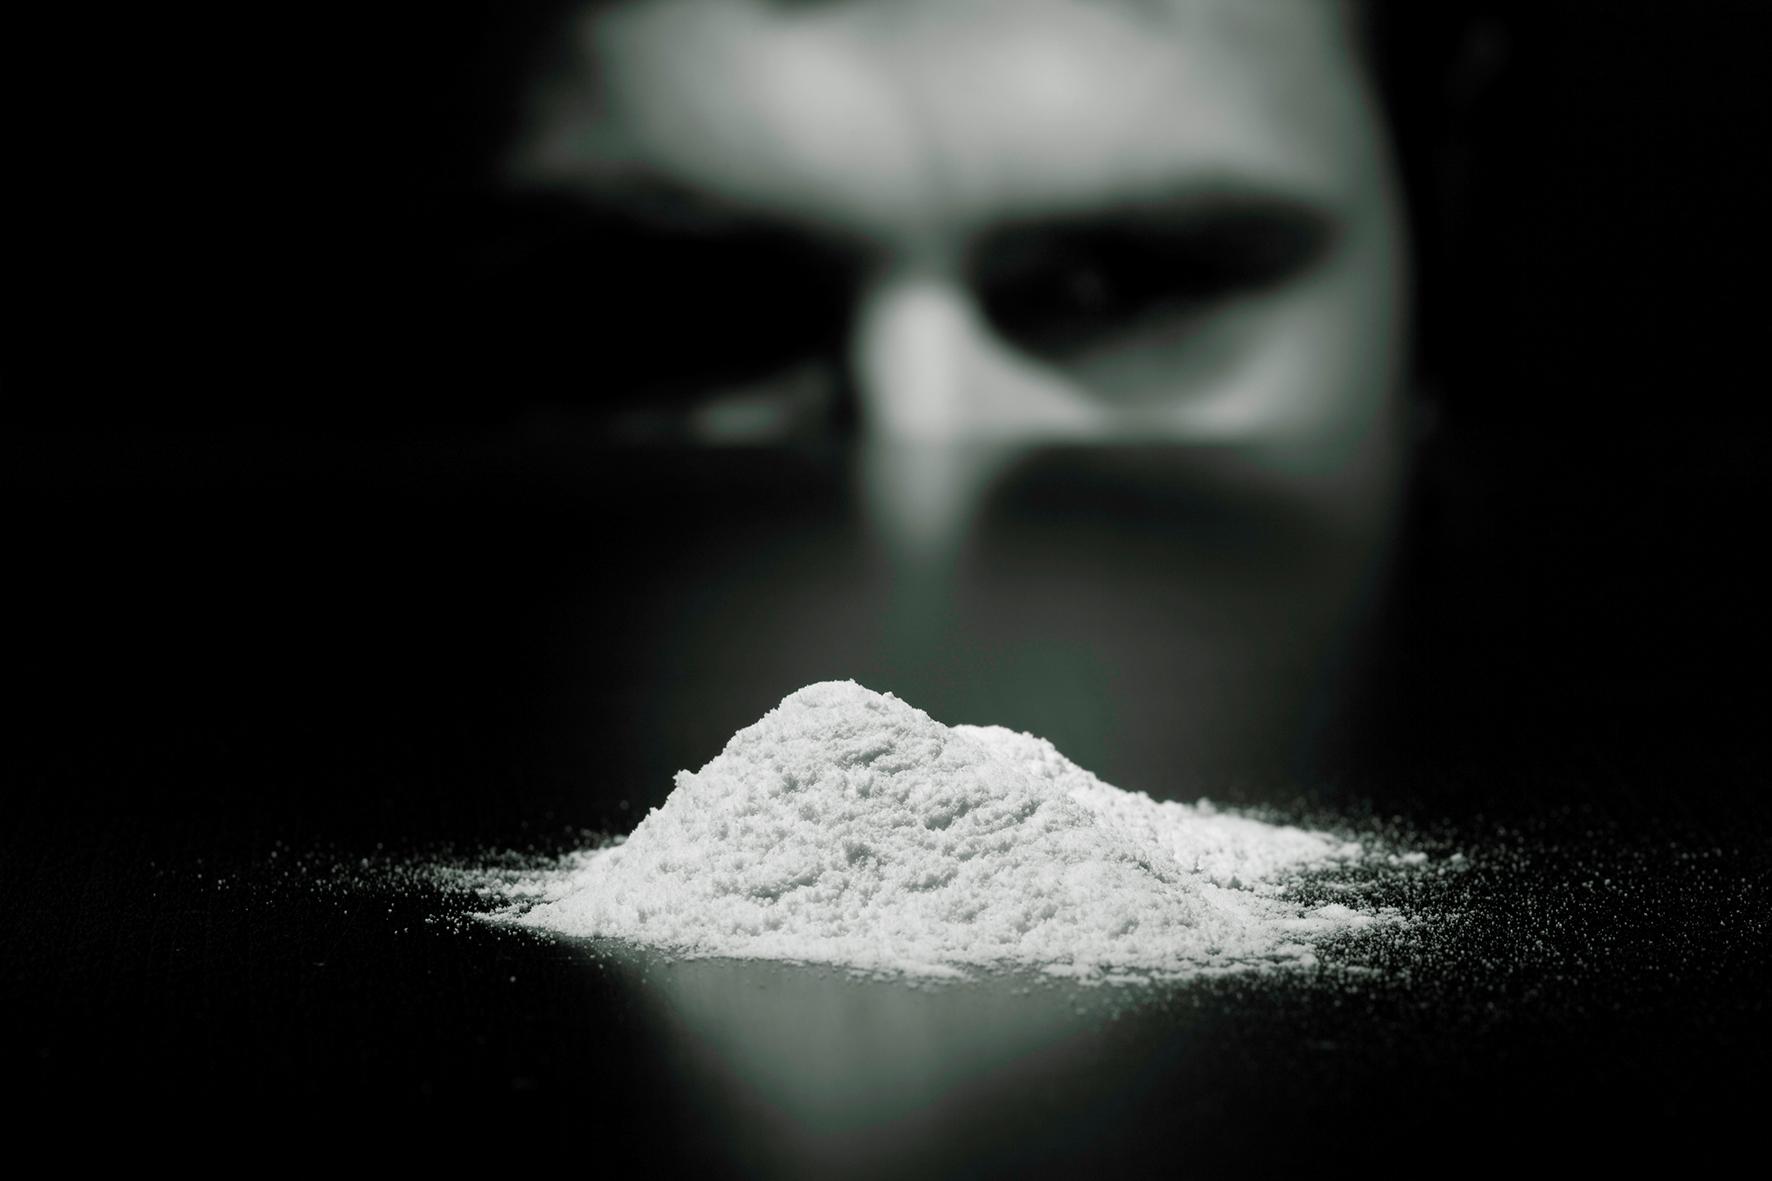 Drug photos. Cocaine. 7.